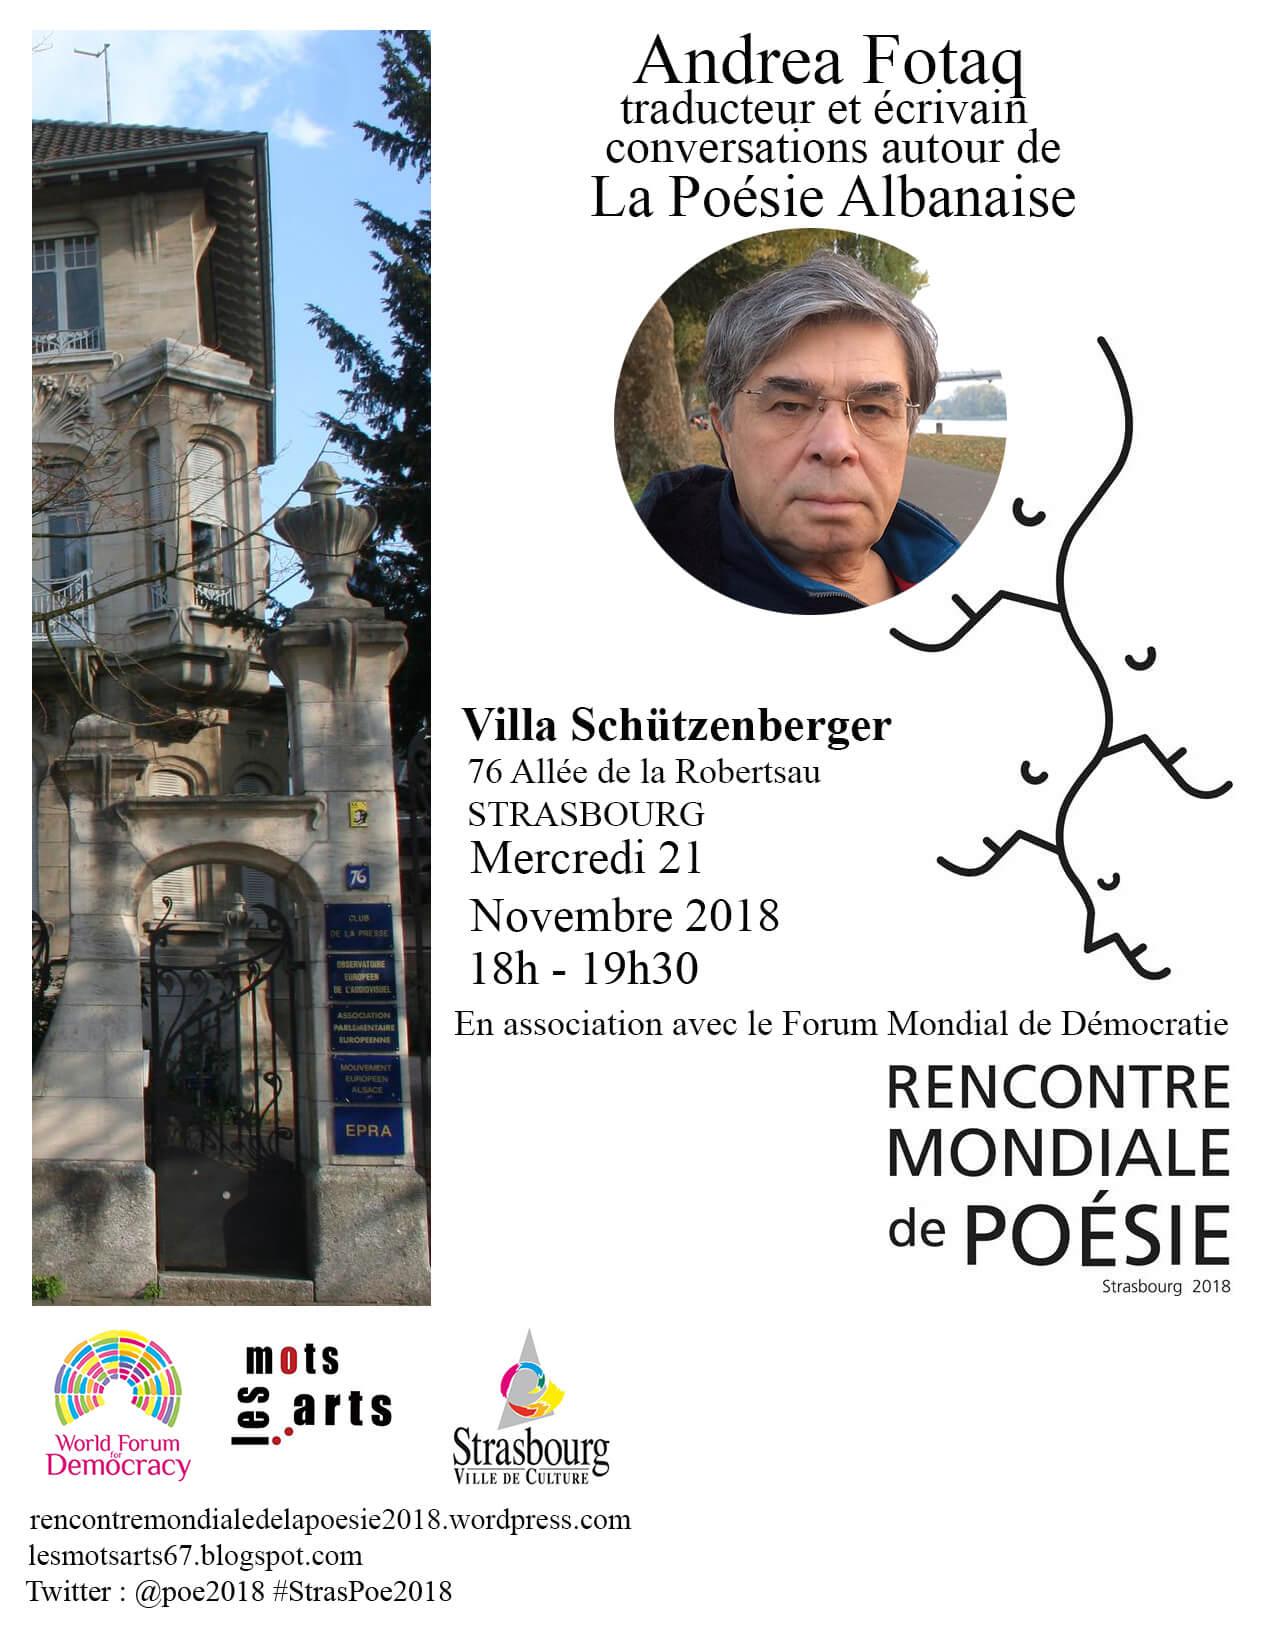 2. afishe Andrea Fotaq